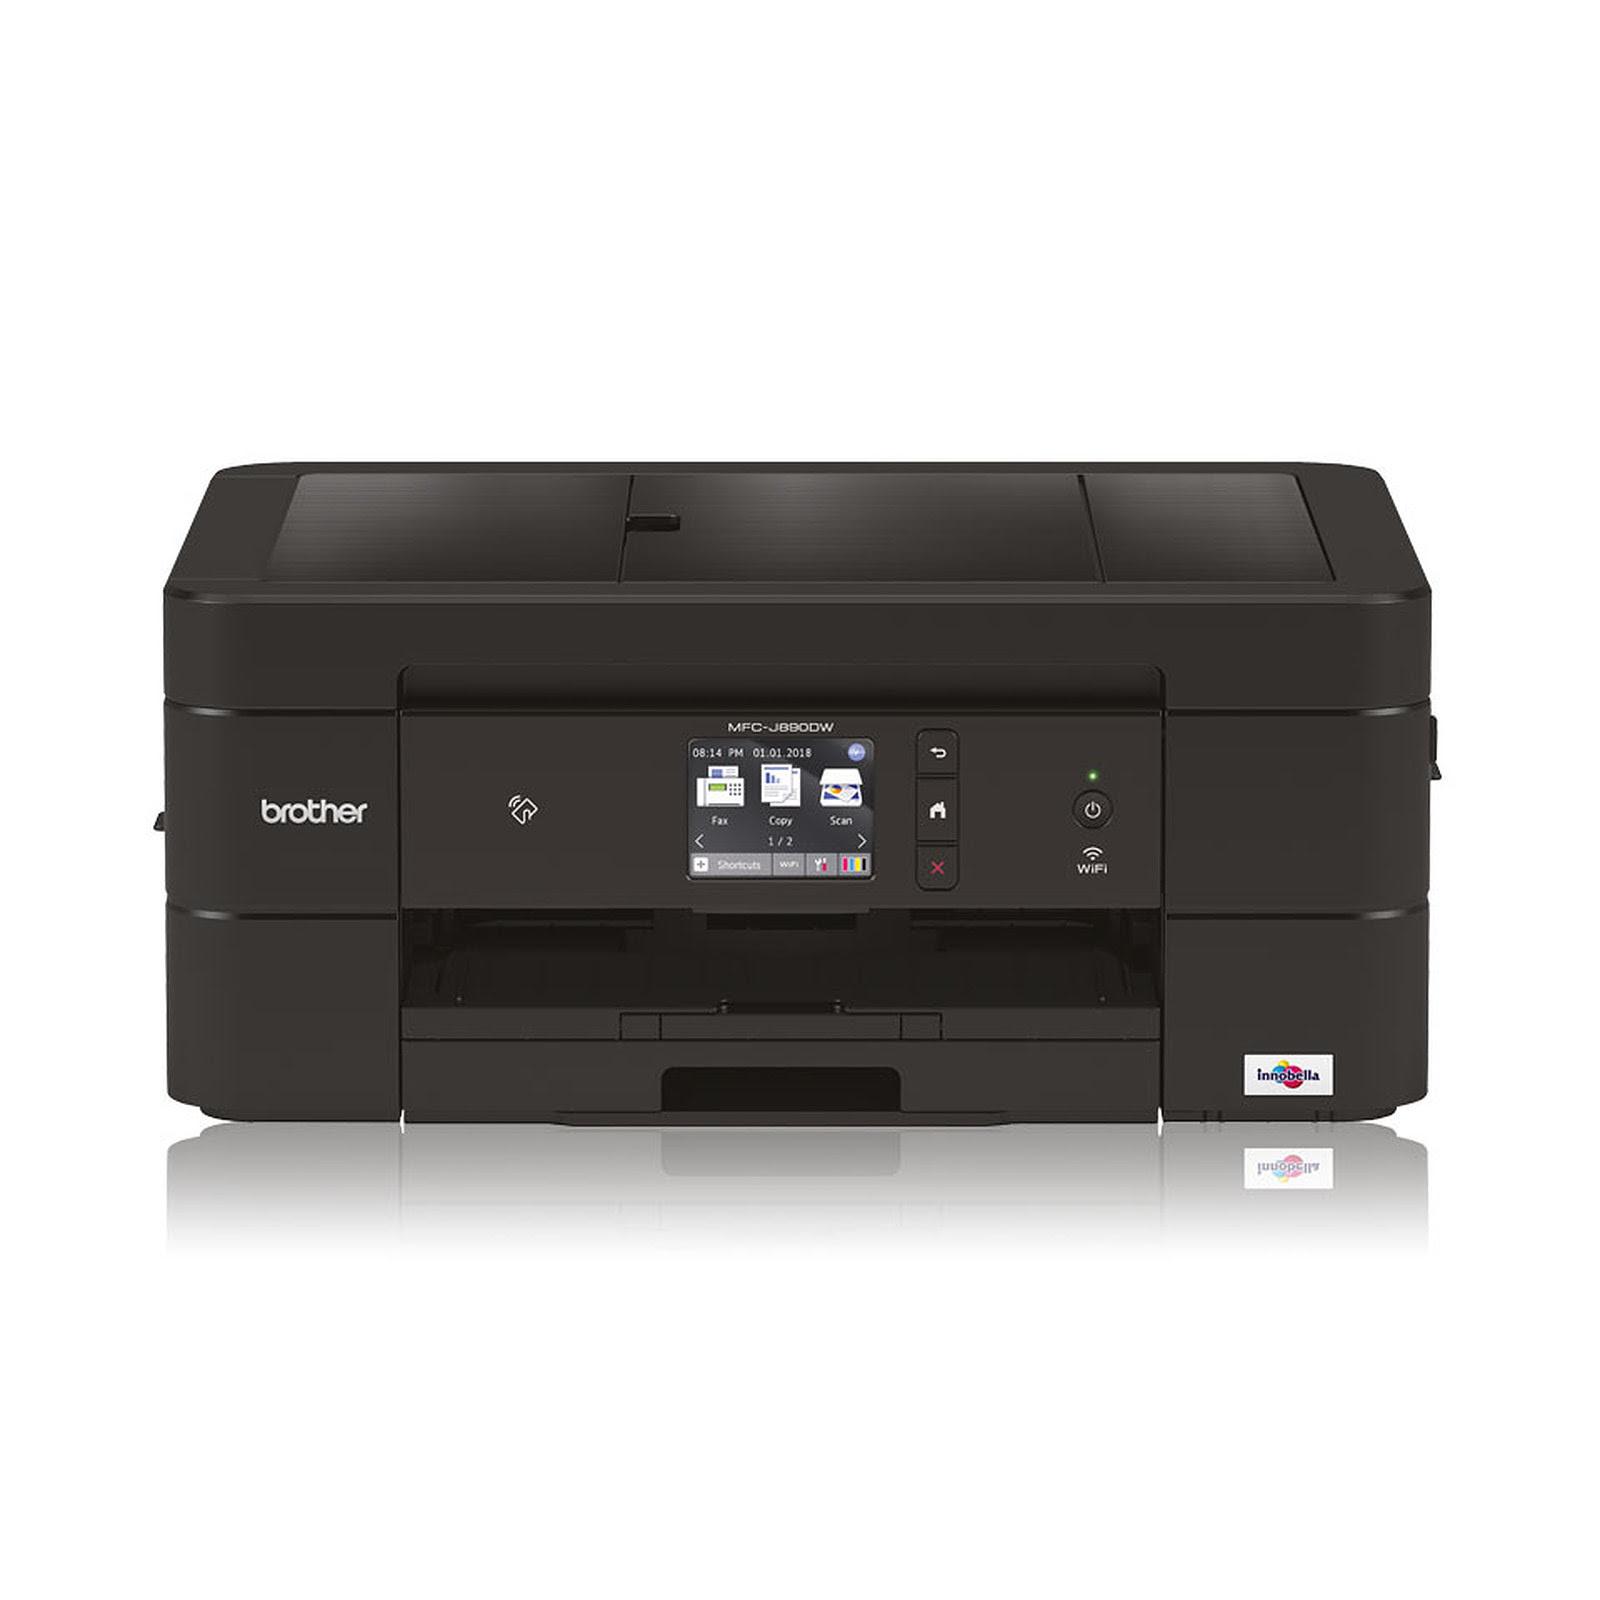 Imprimante multifonction Brother MFC-J890DW - Cybertek.fr - 0